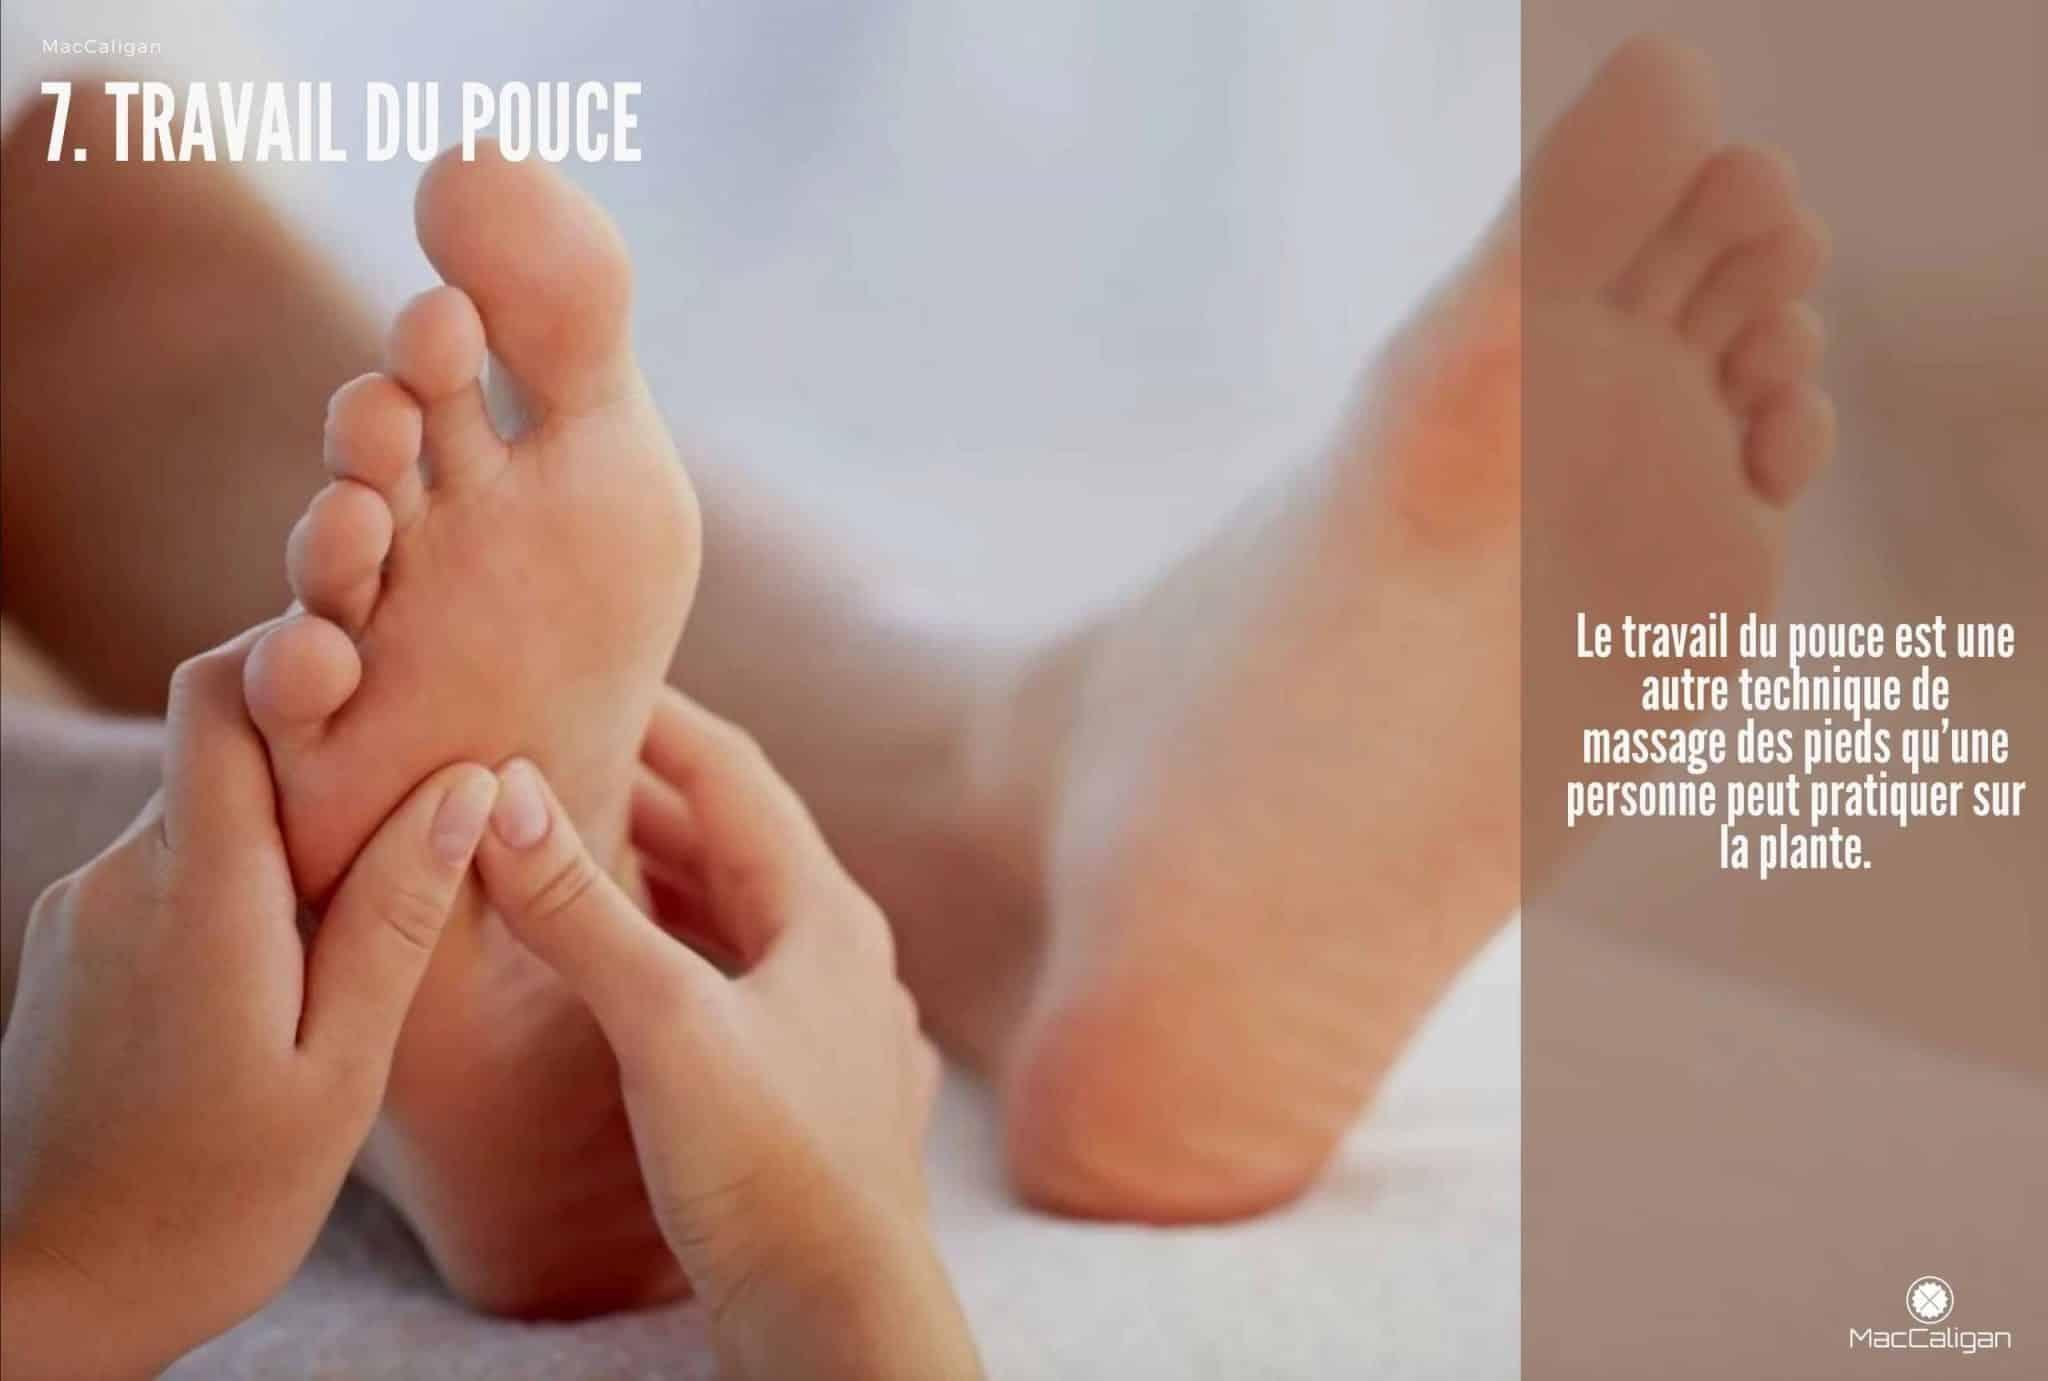 7. TRAVAIL DU POUCE - massage pied points acupression pieds